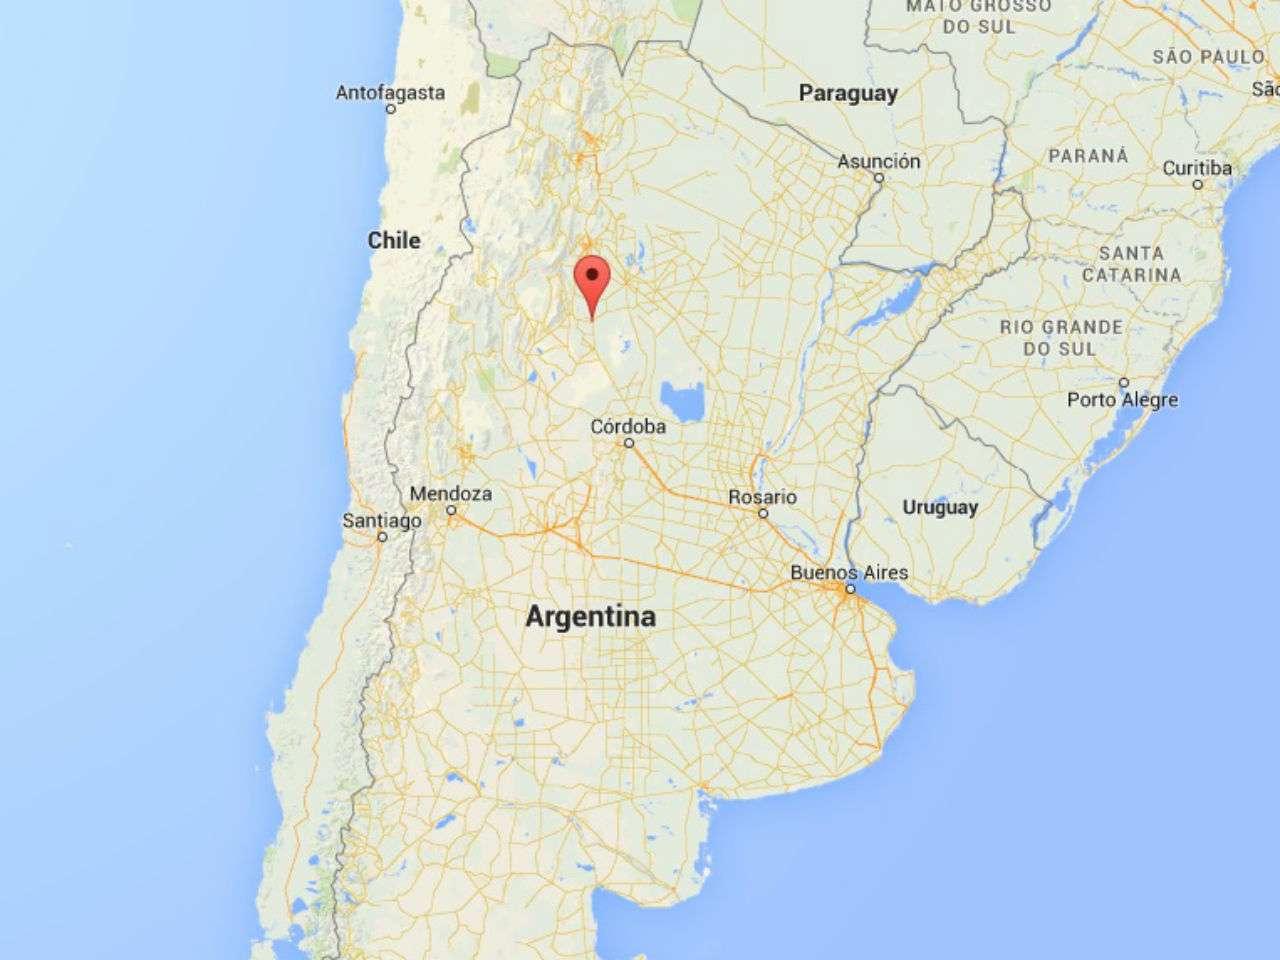 Ariel Fernando Luna fue arrestado el miércoles 22 de octubre de 2014, cuando salía de una casa en la ciudad de Frías, provincia de Santiago del Estero, donde vivía con su familia. Foto: Google Maps